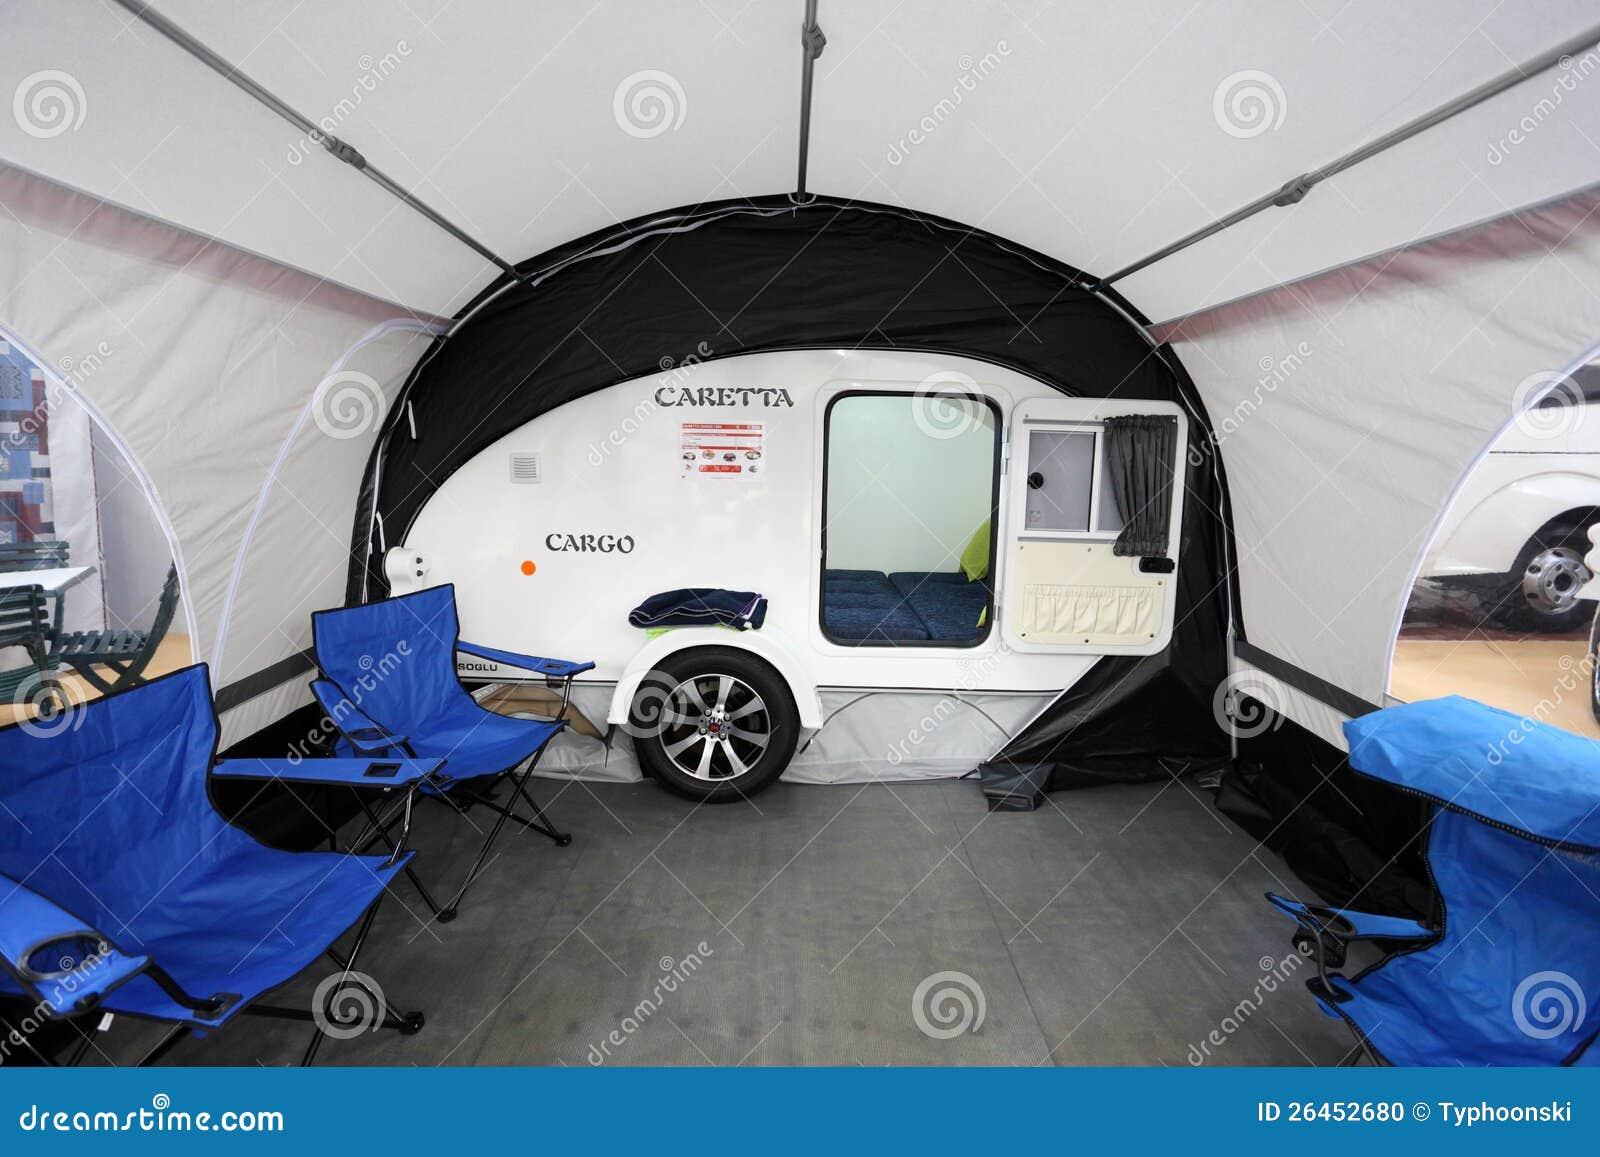 Kleiner Wohnmobil Caretta Mit Markise Redaktionelles Bild